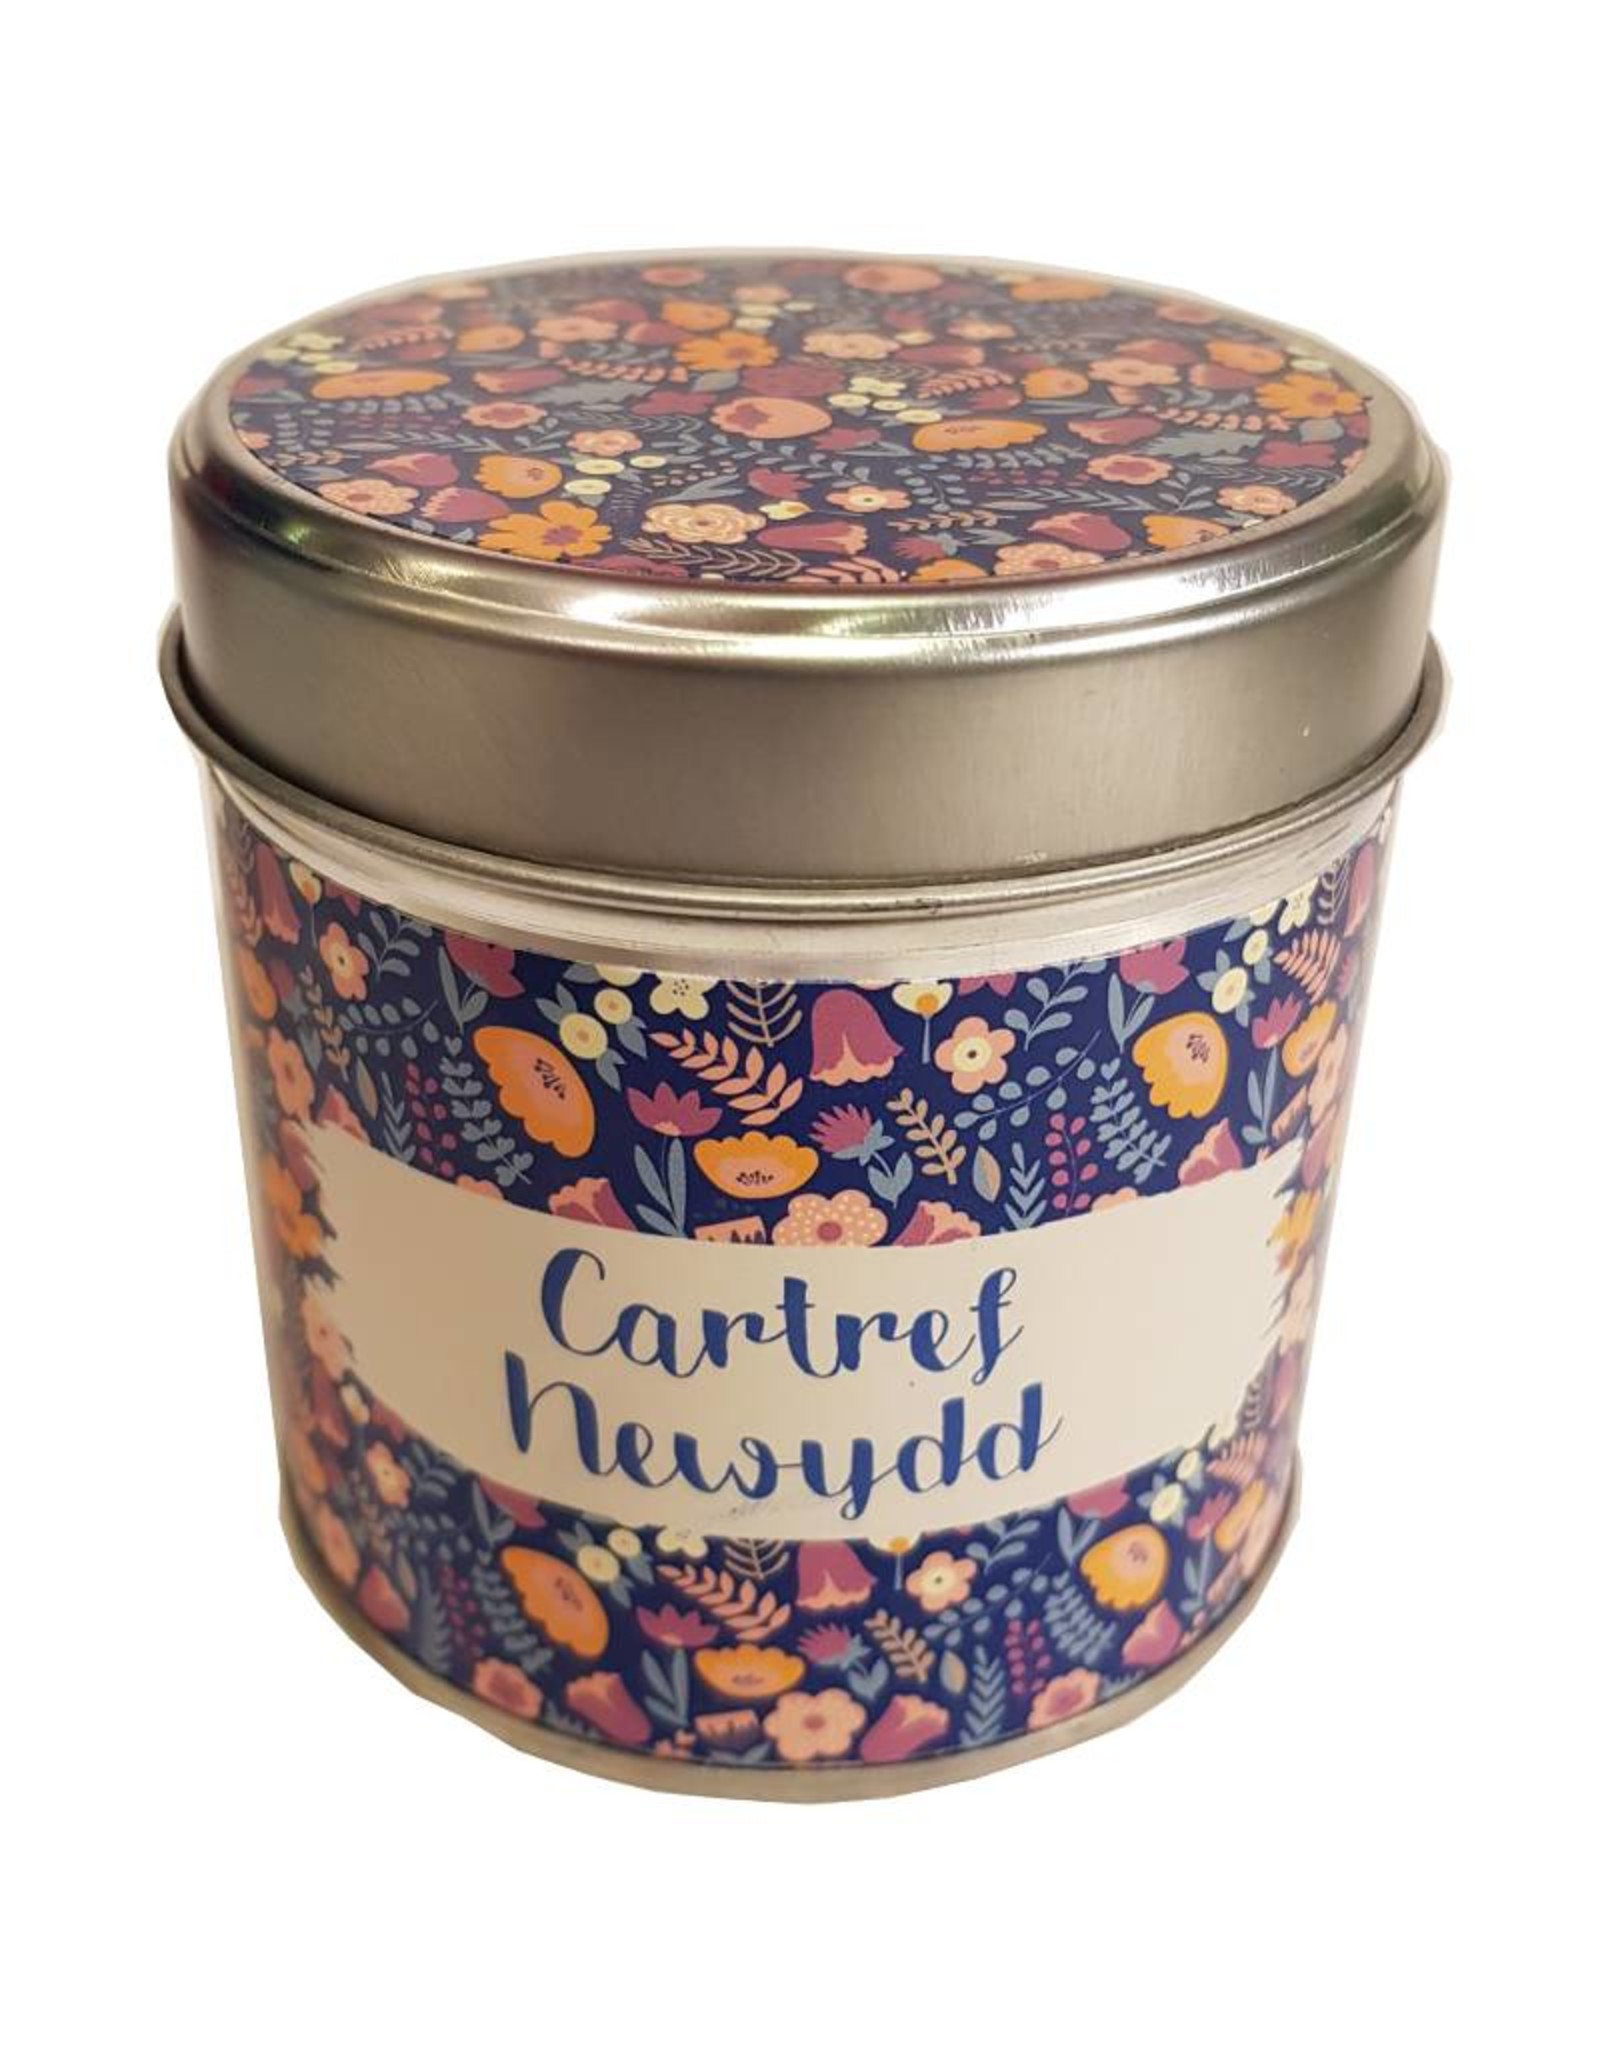 Cardigan Bay Company Cartref Newydd Candle